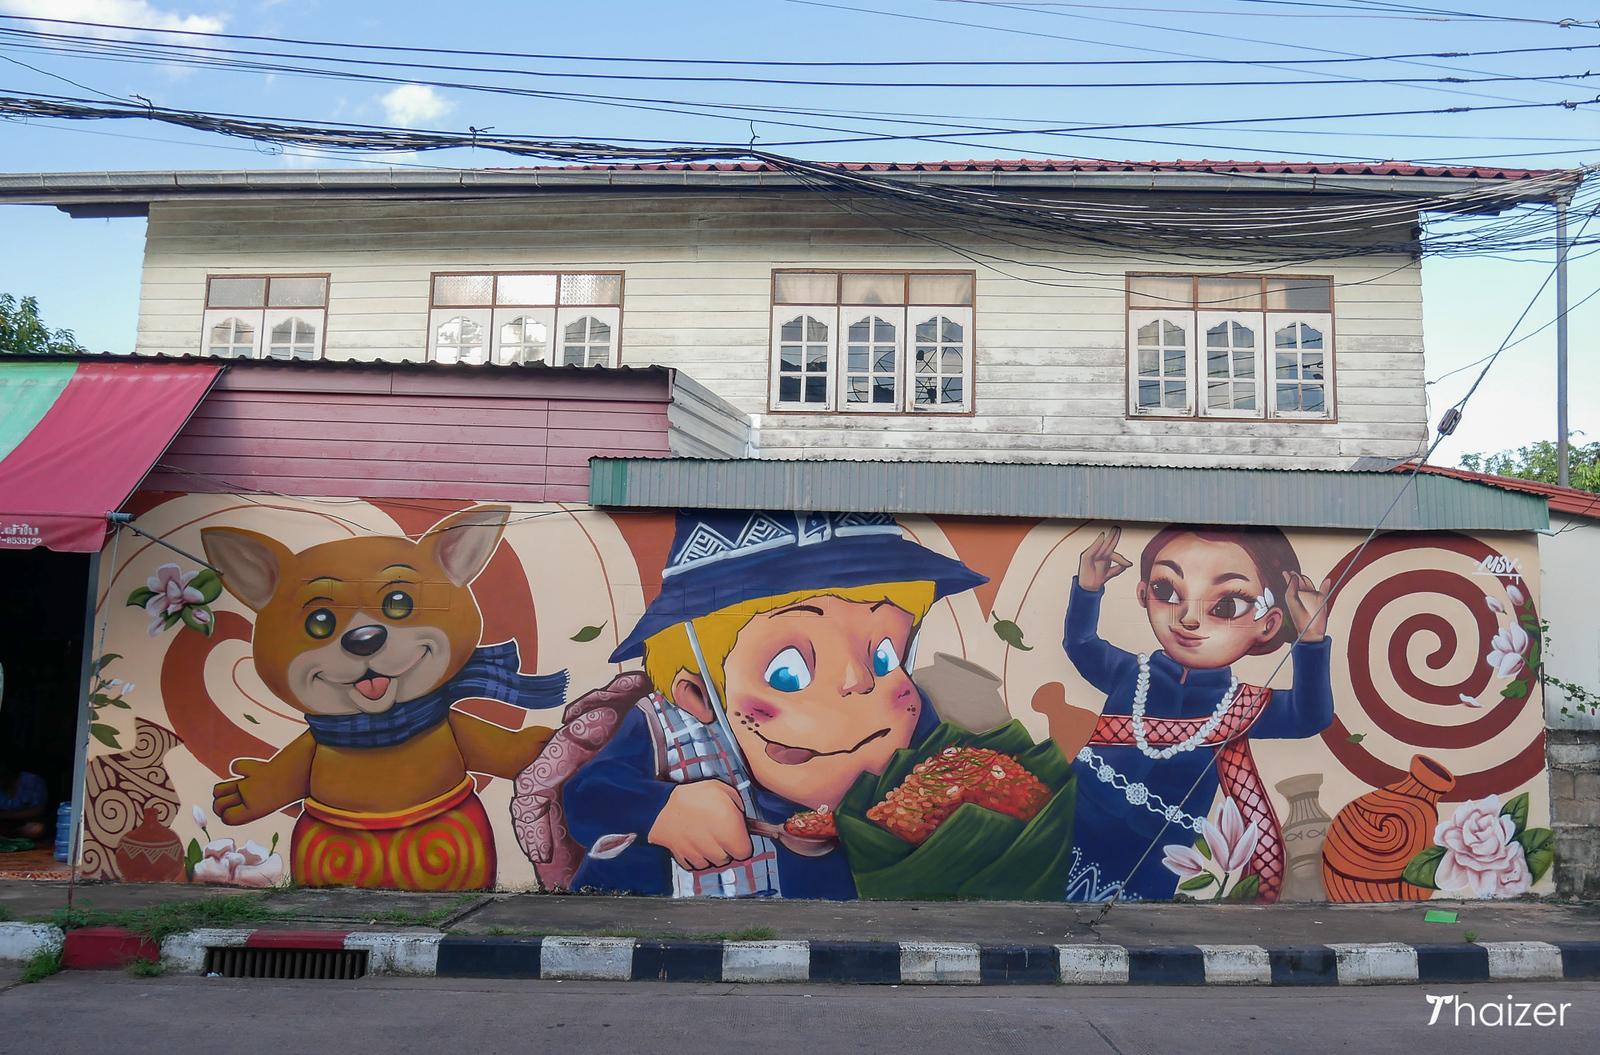 enjoy-isaan-hospitality-at-ban-chiang-community-udon-thani-8 Enjoy Isaan Hospitality at Ban Chiang Community, Udon Thani